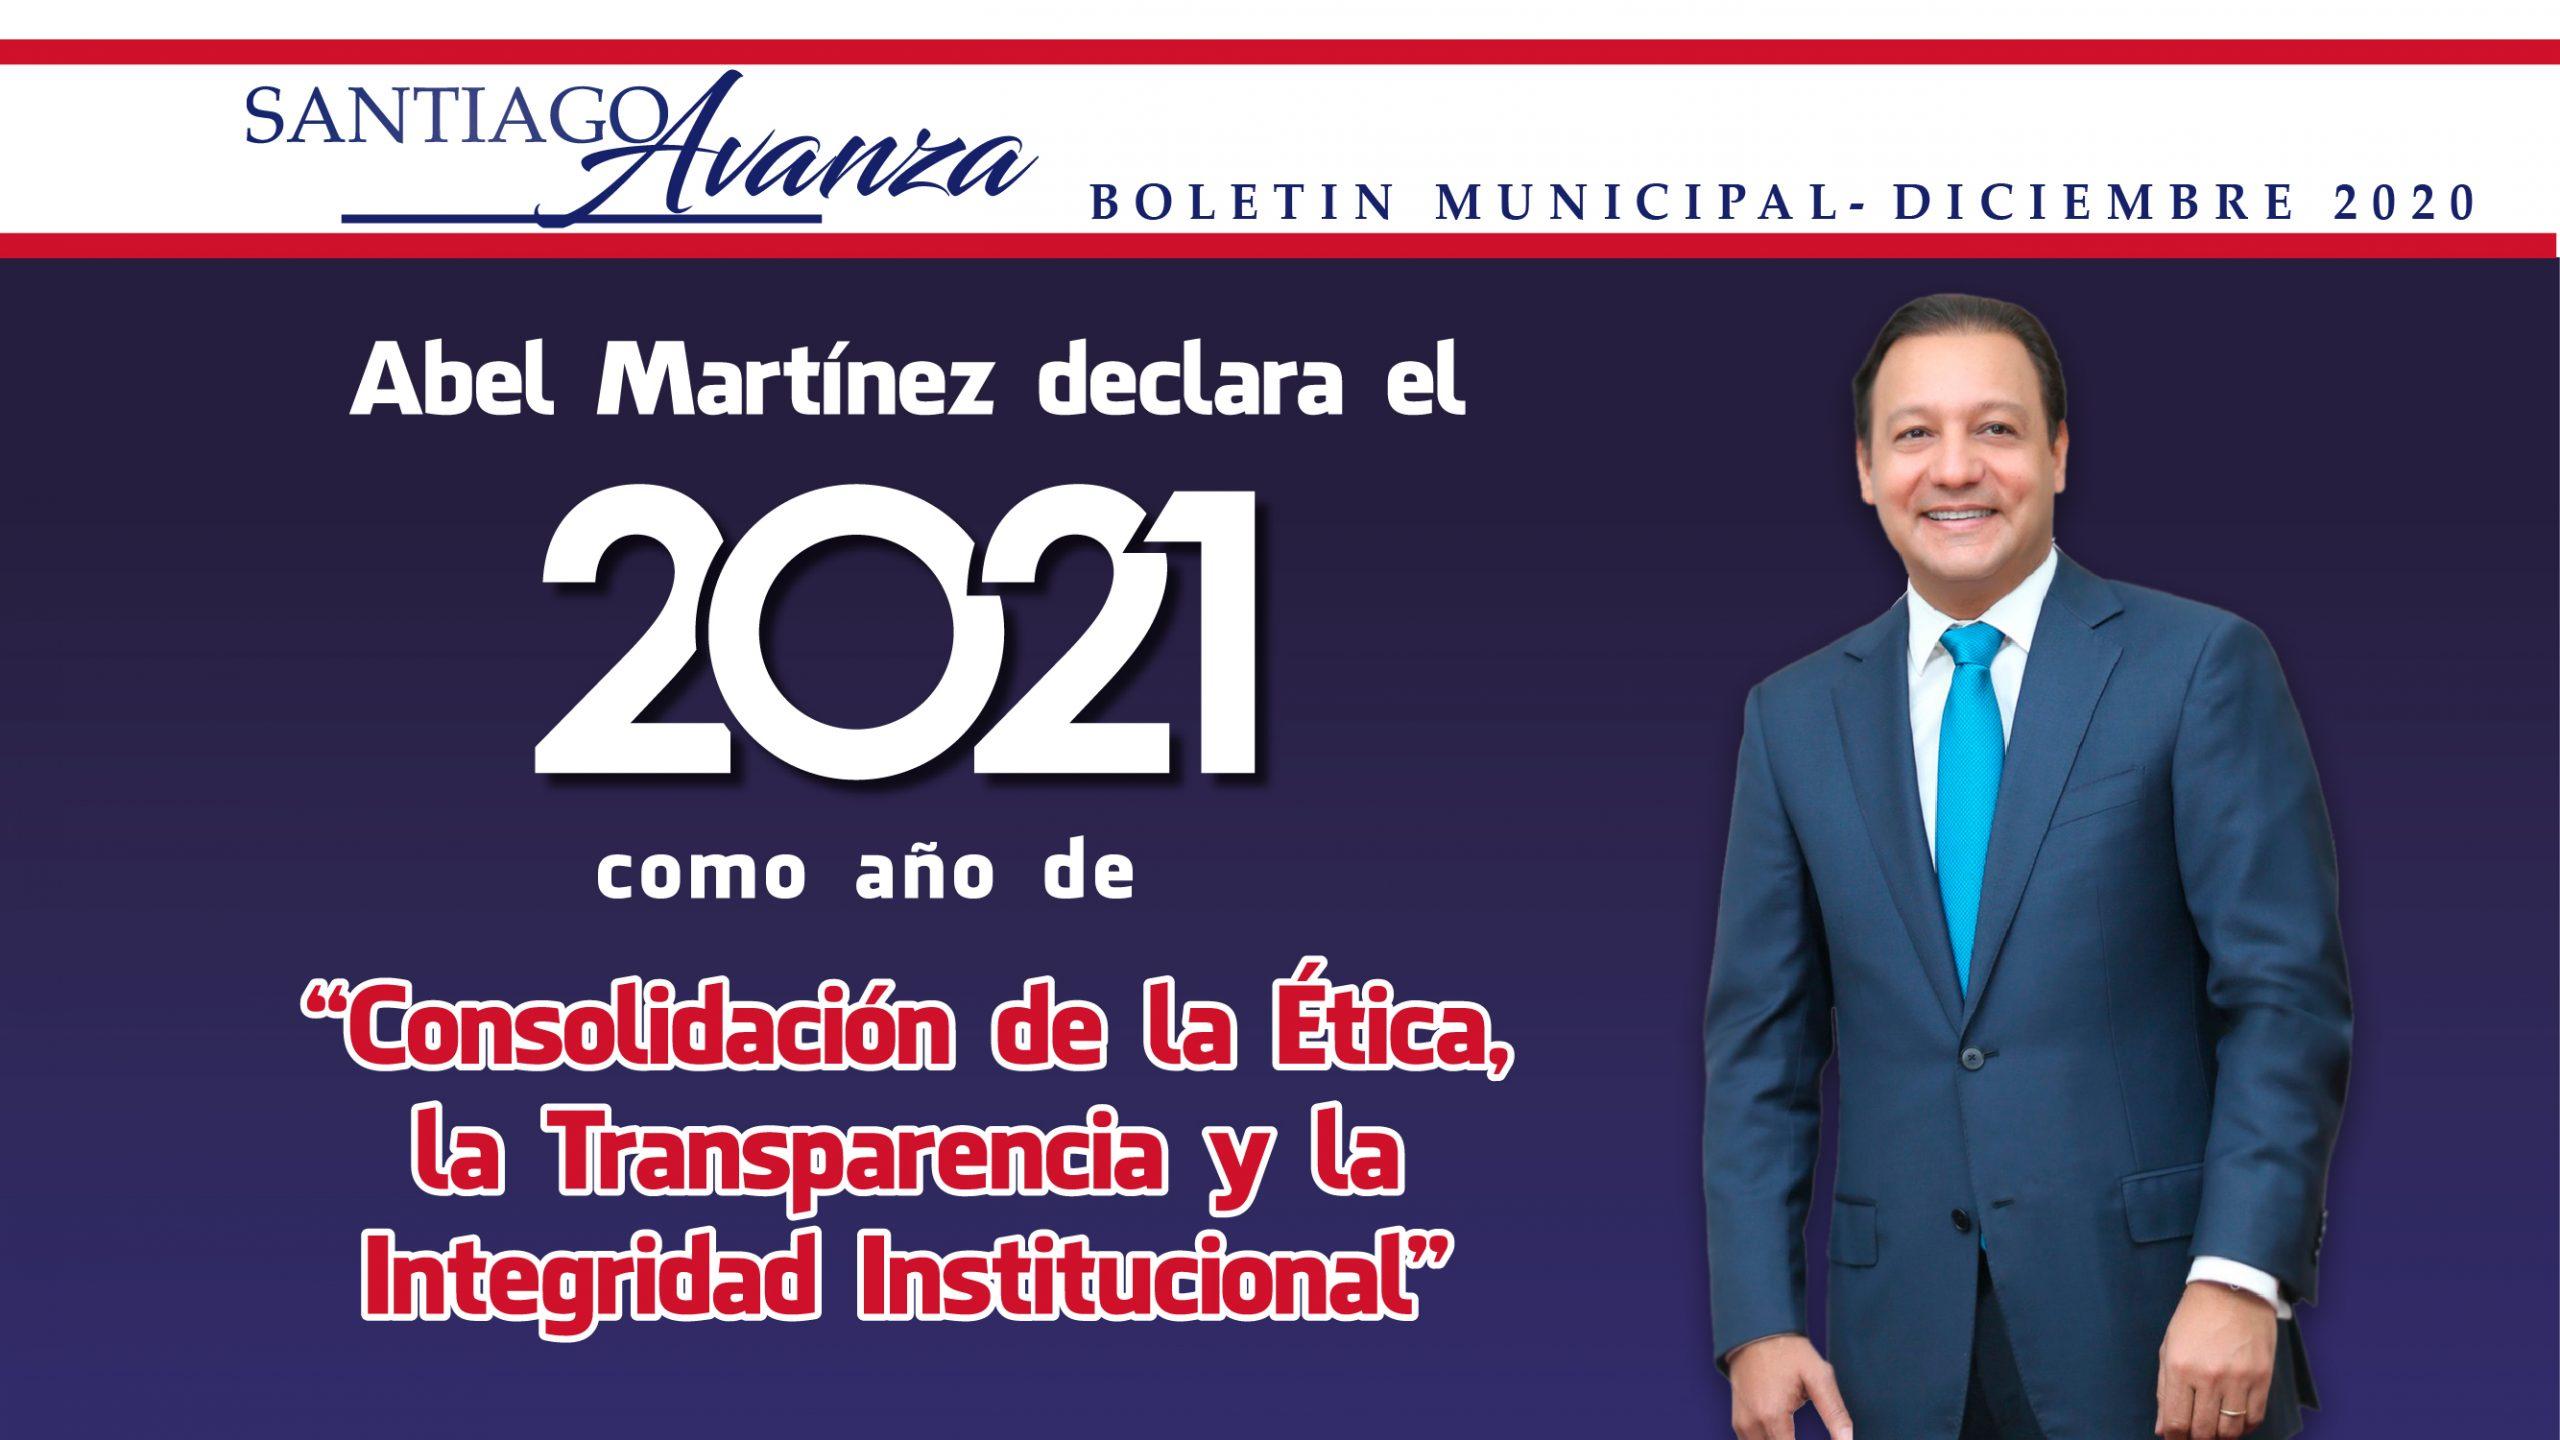 Boletín Municipal Ayuntamiento Santiago Diciembre 2020